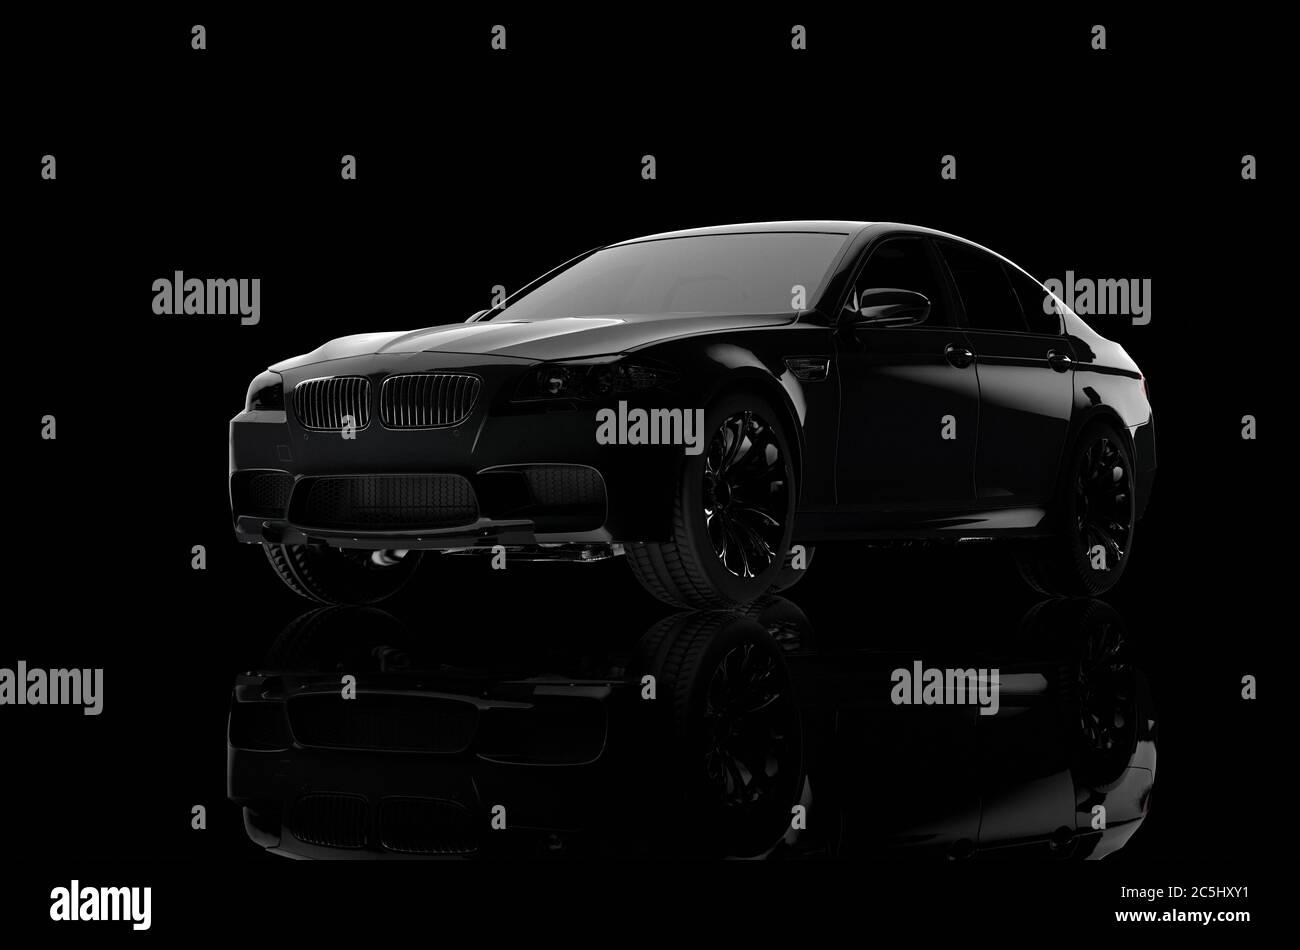 Reproducción en 3D de un coche de lujo sobre un fondo negro Foto de stock